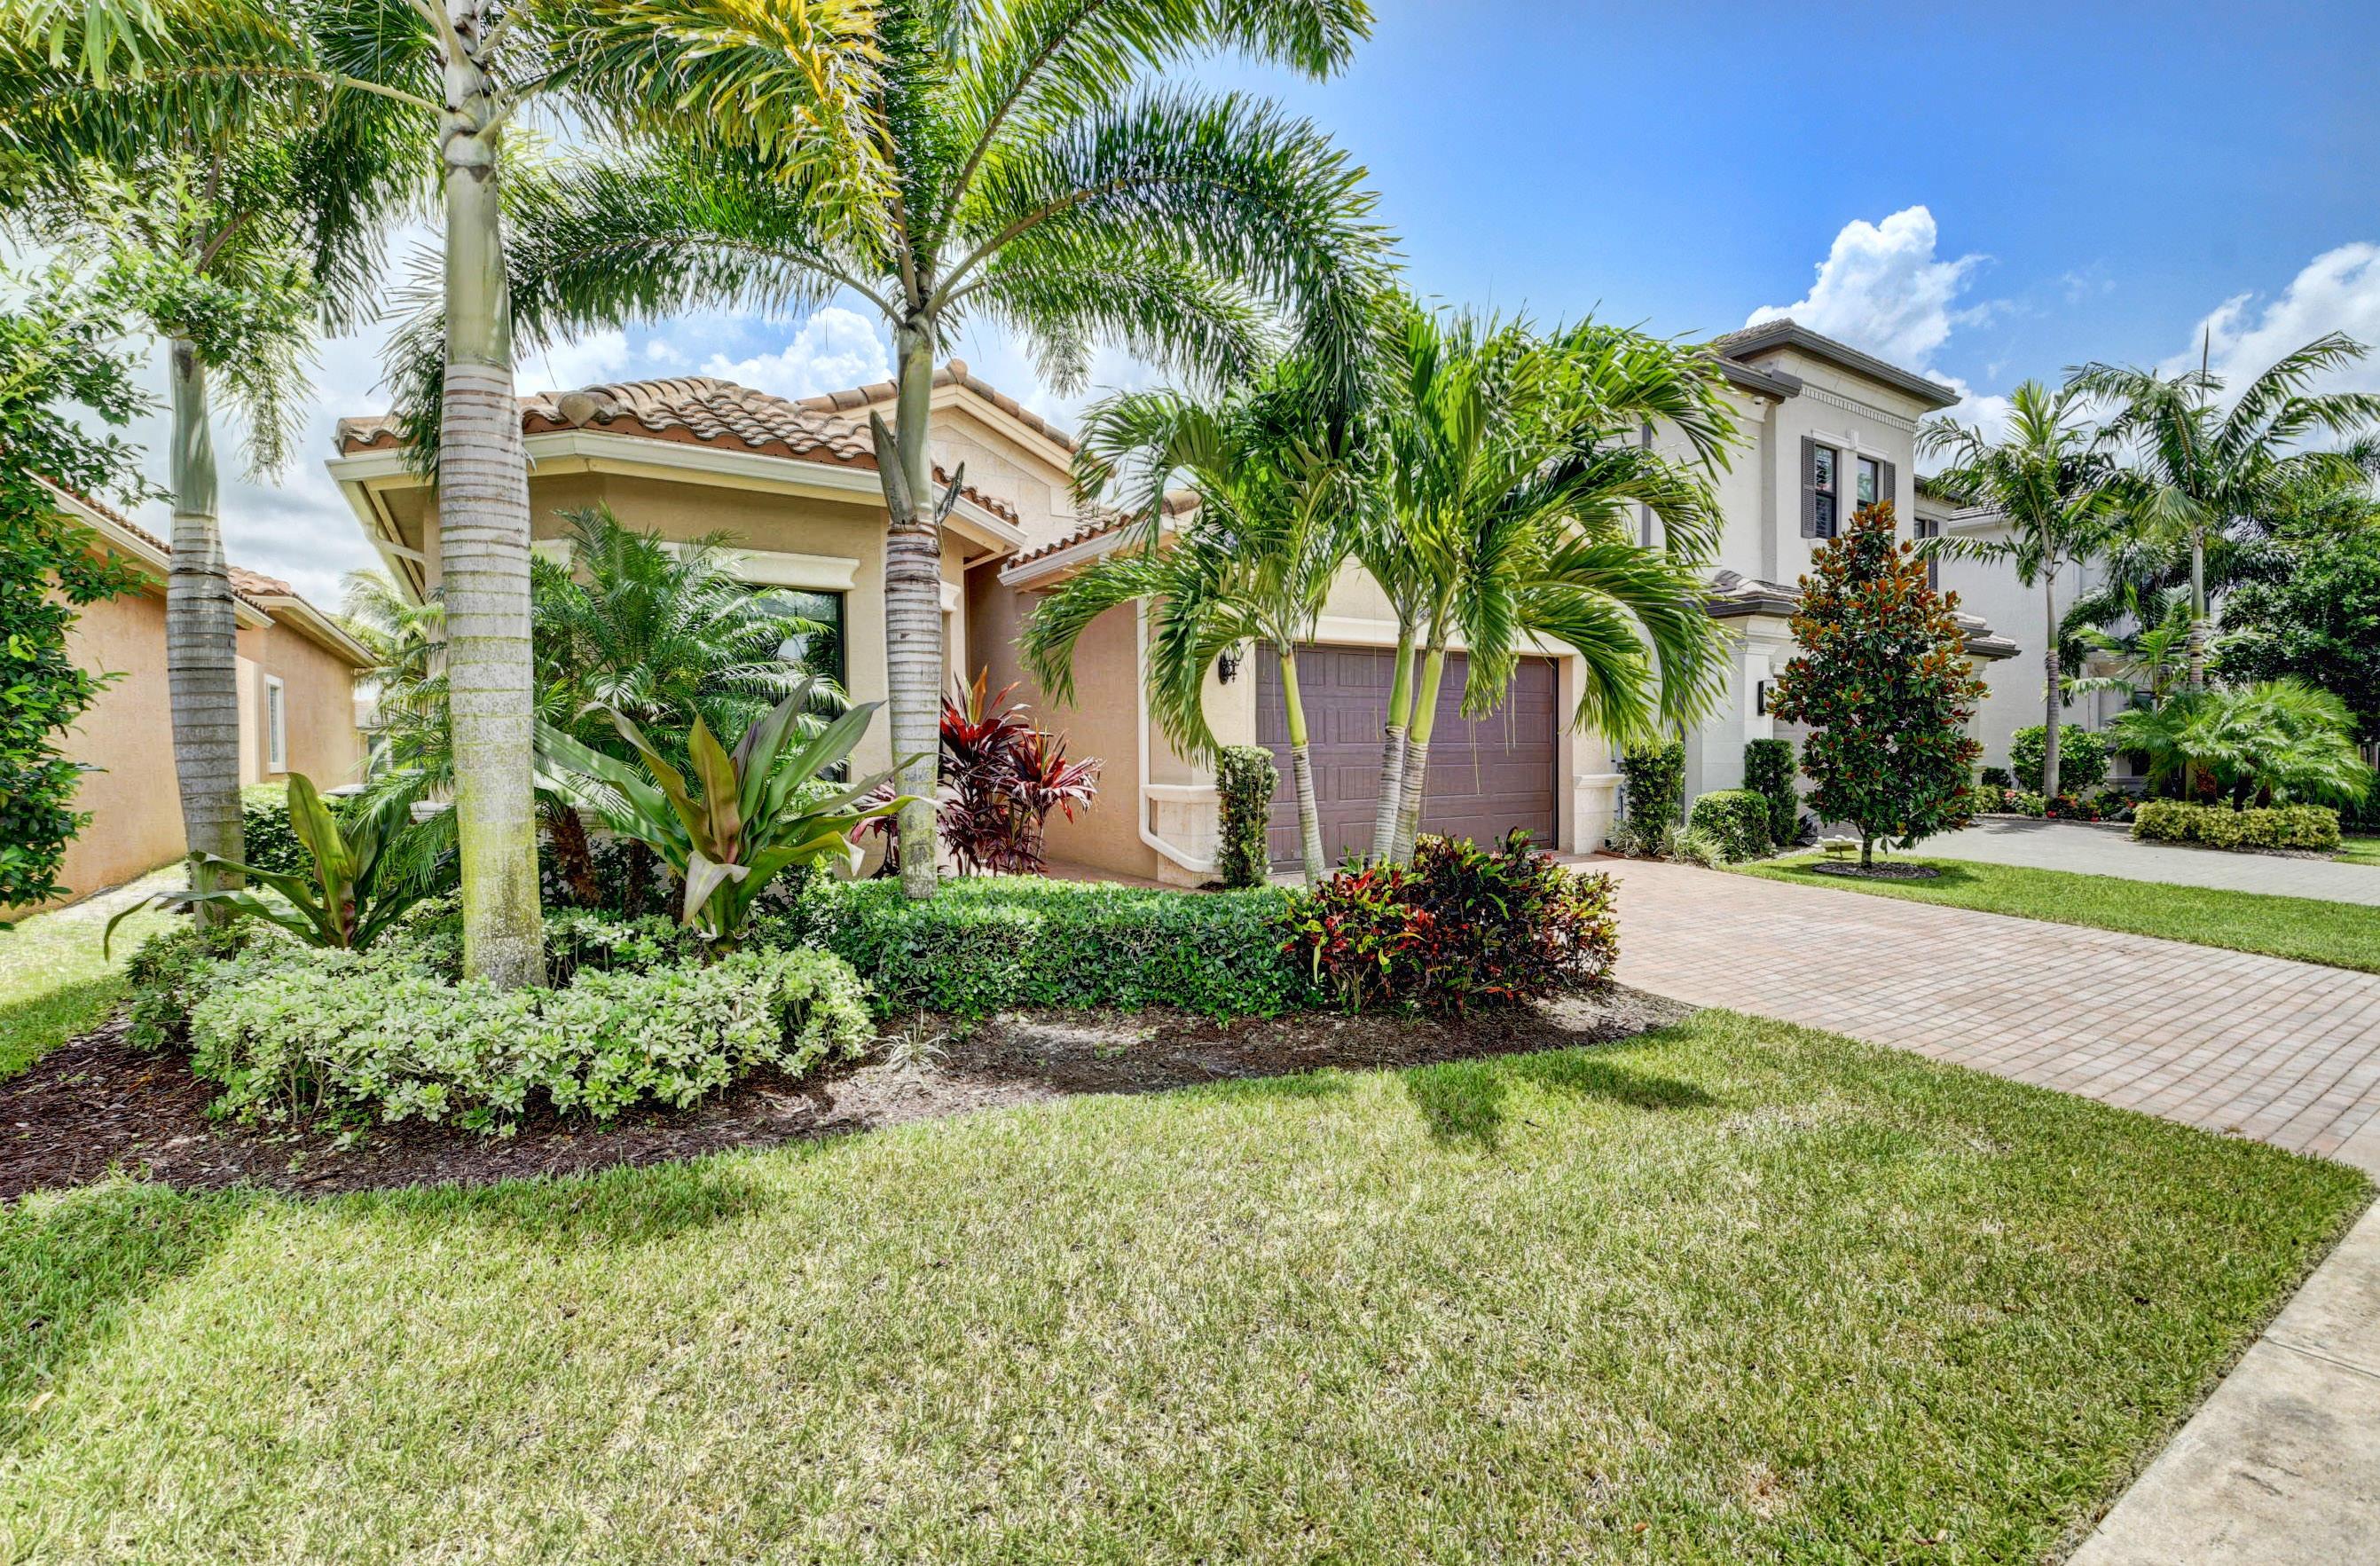 9518 Eden Roc Court  Delray Beach, FL 33446